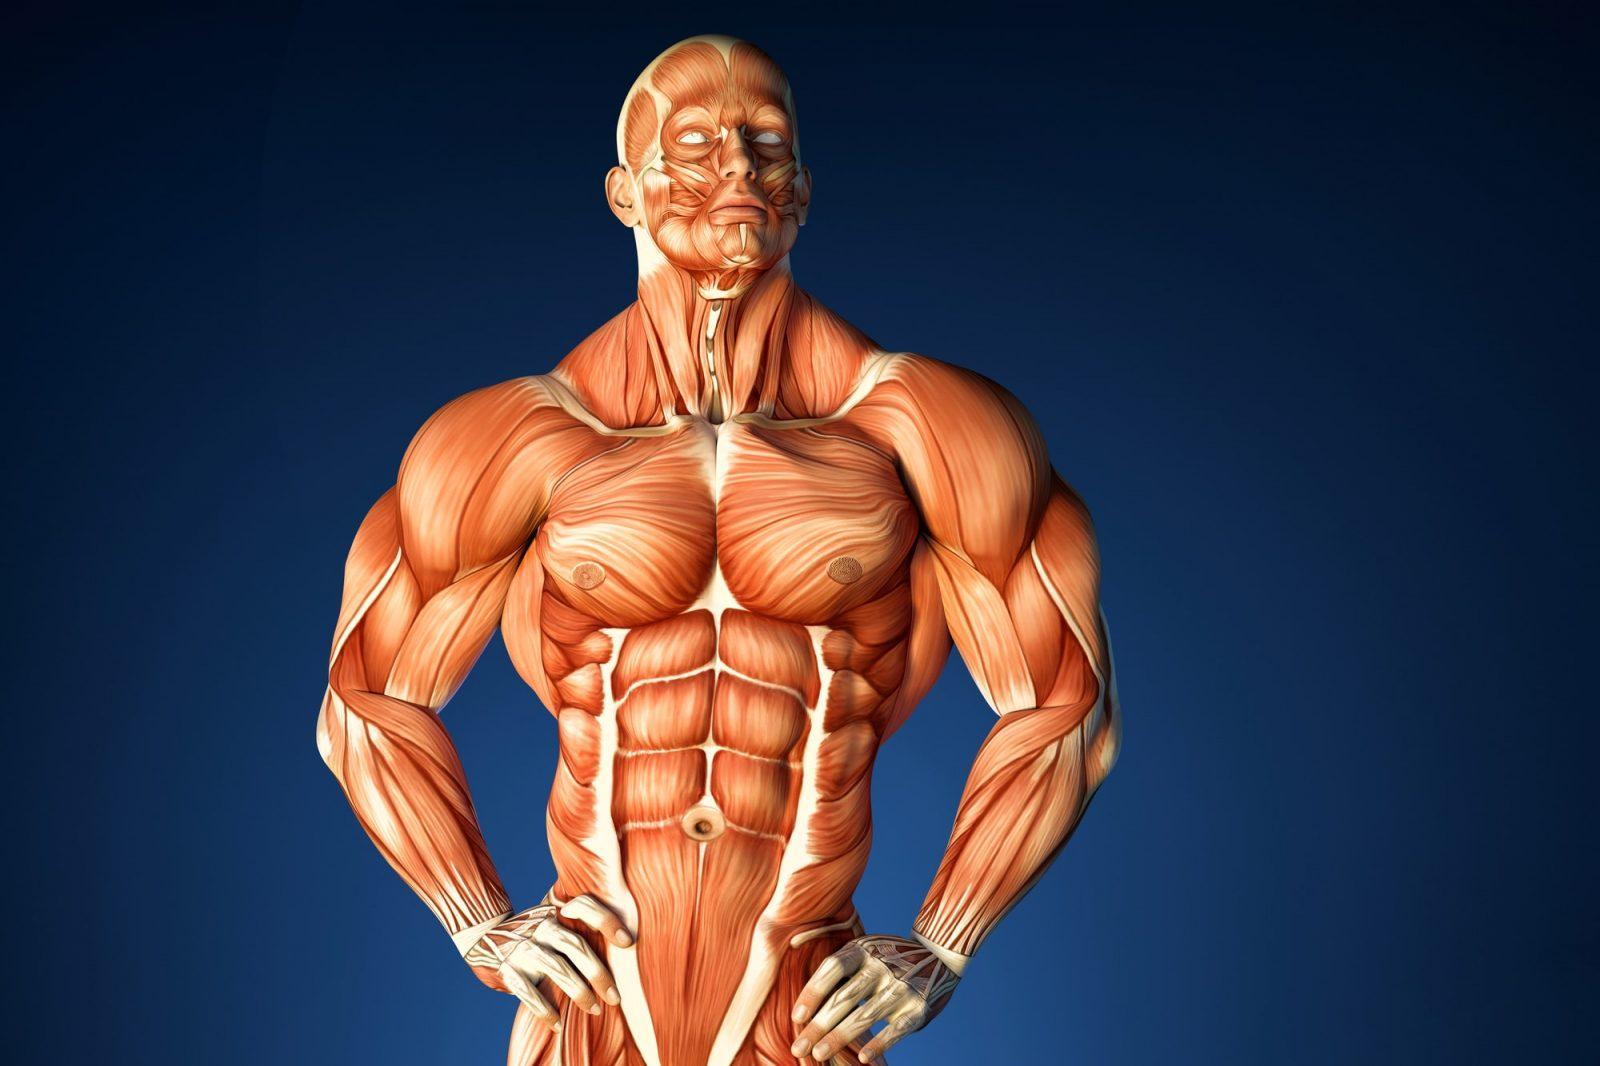 Мышцы туловища: названия и функции